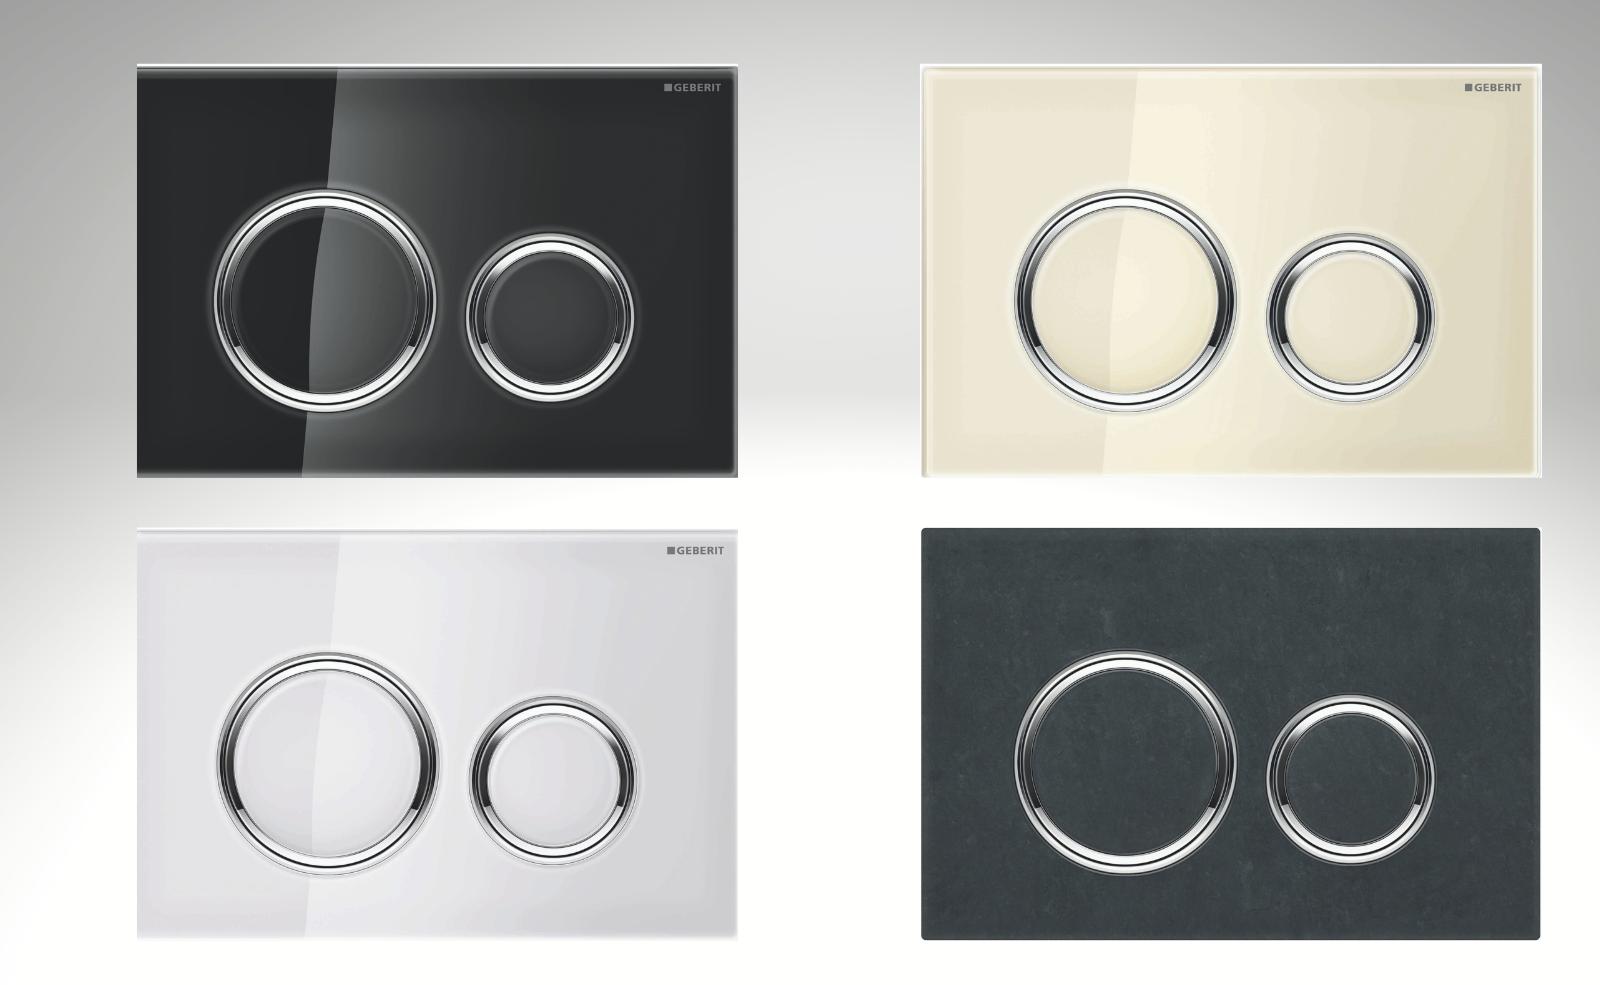 WC-Betätigungsplatten Sigma21 von Geberit in den Farben (von links oben) Glas Schwarz, Glas Weiß, Glas Sand und Mustang Schiefer. Quelle: Geberit